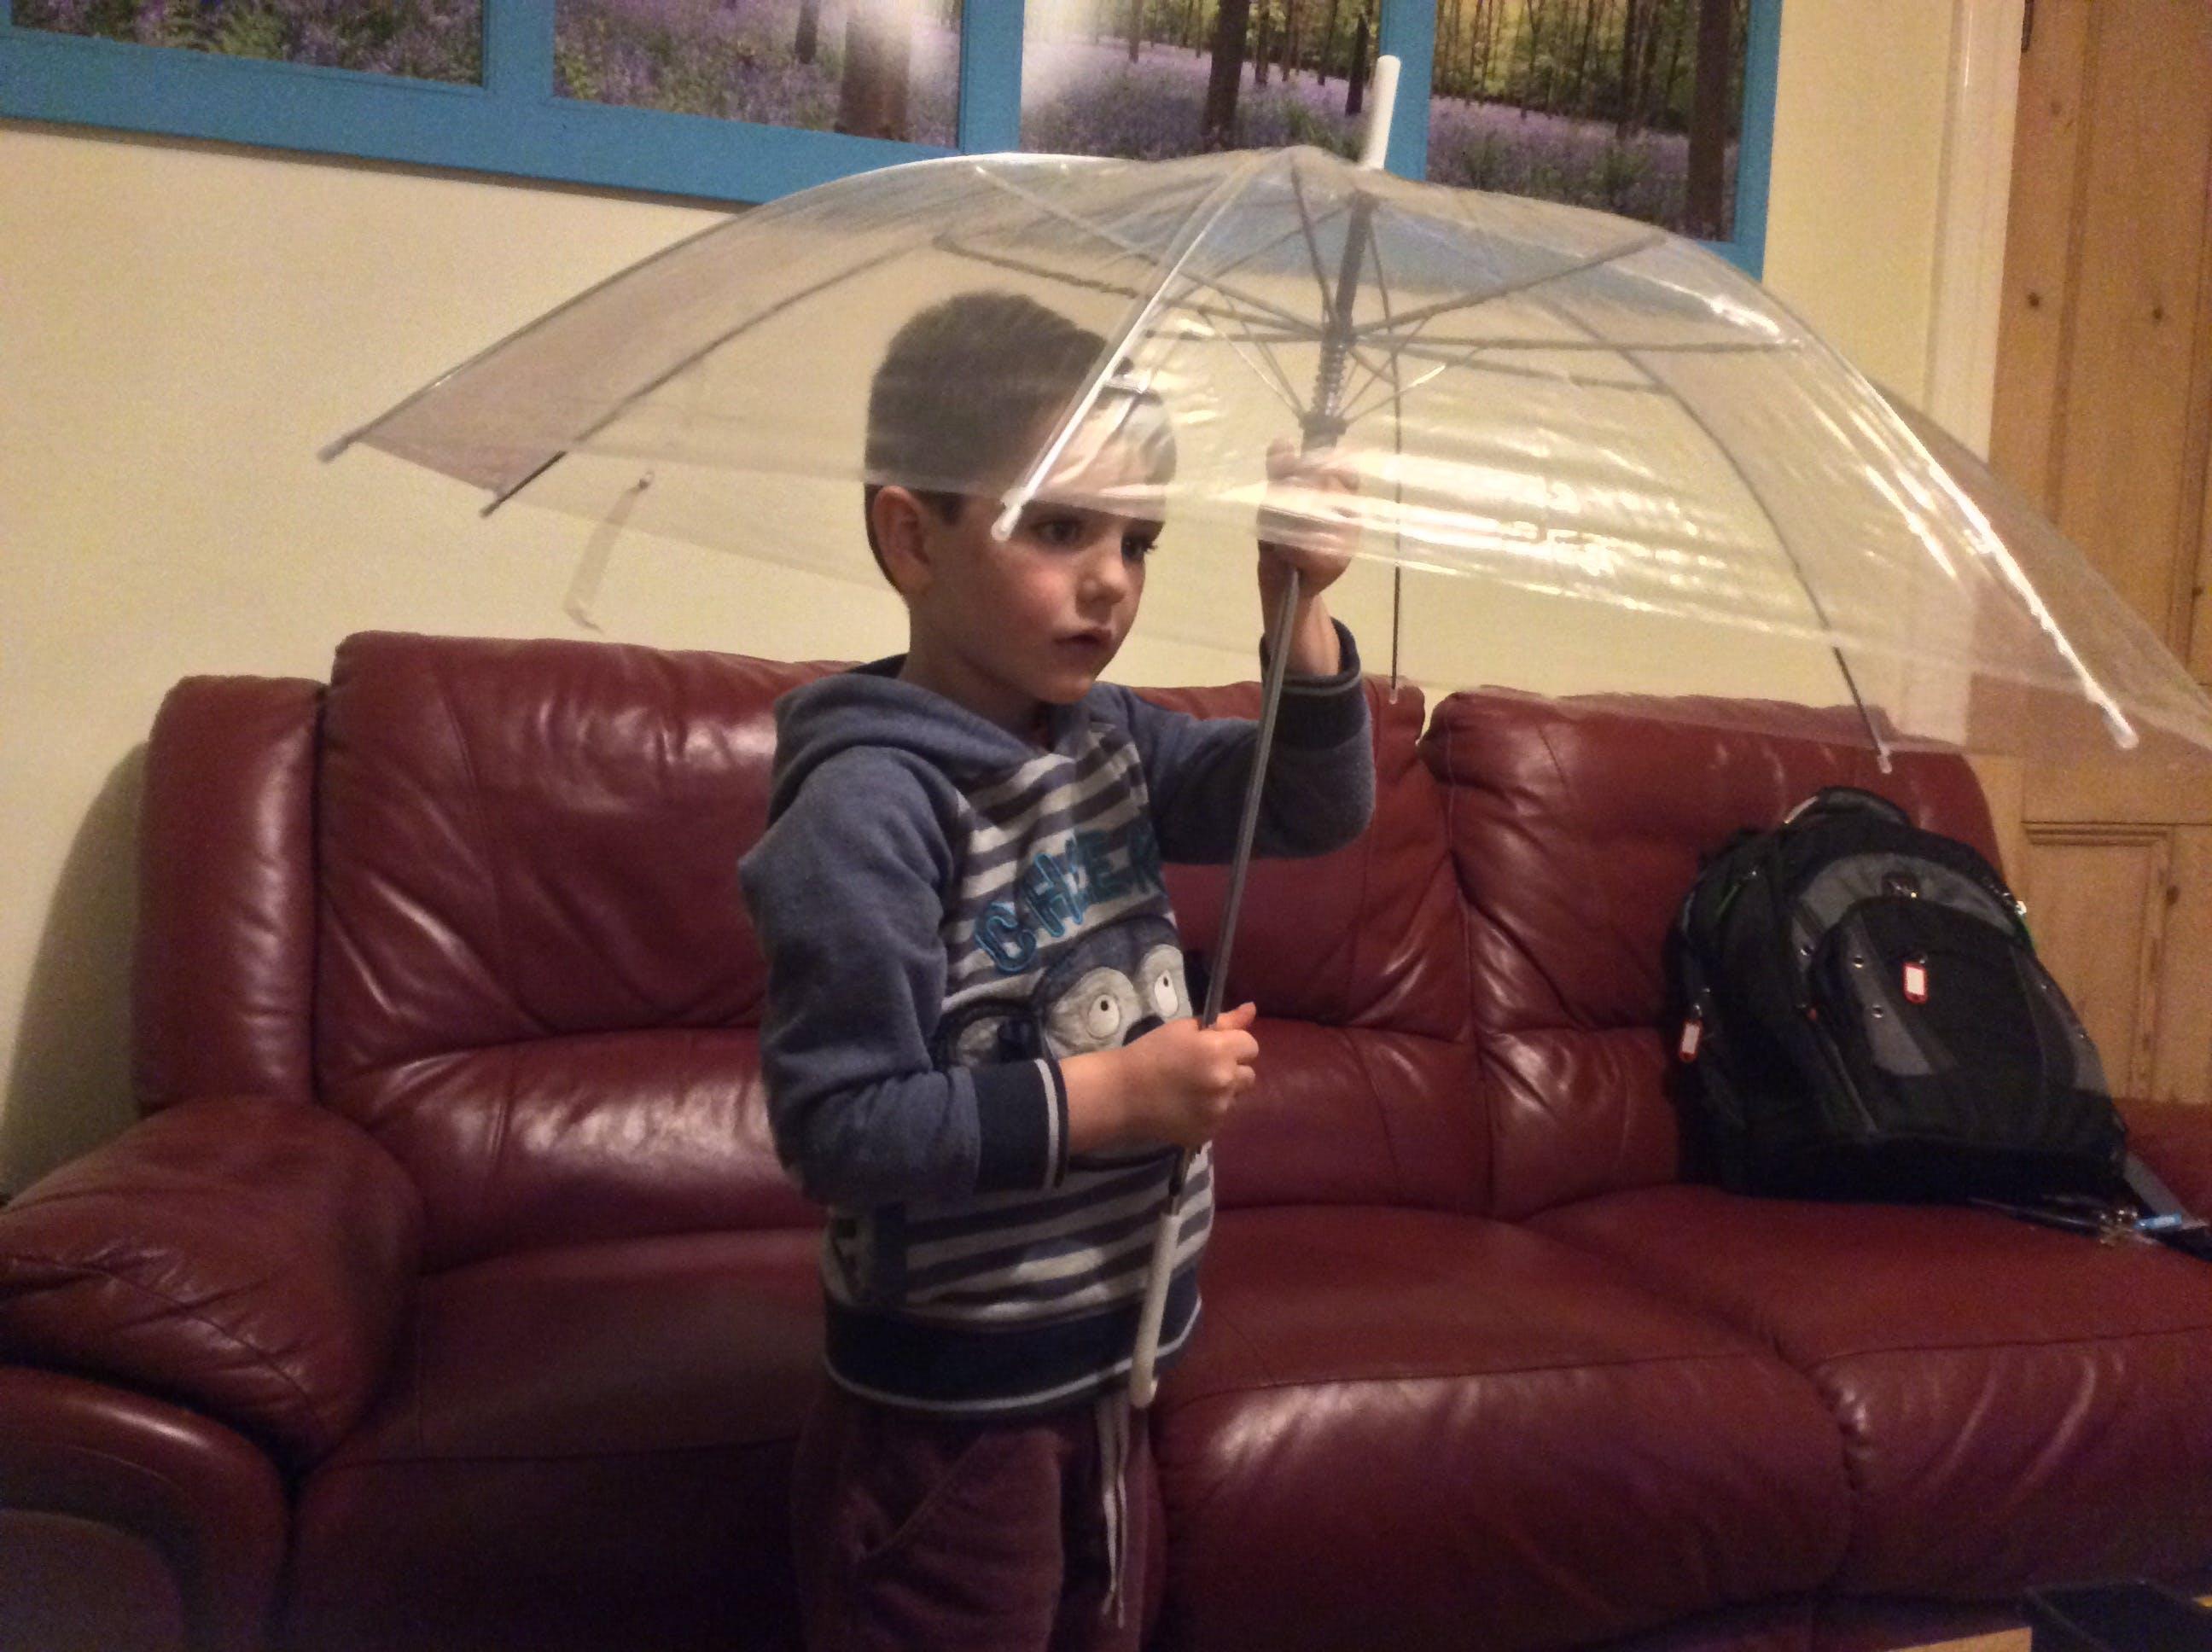 I used a clear umbrella